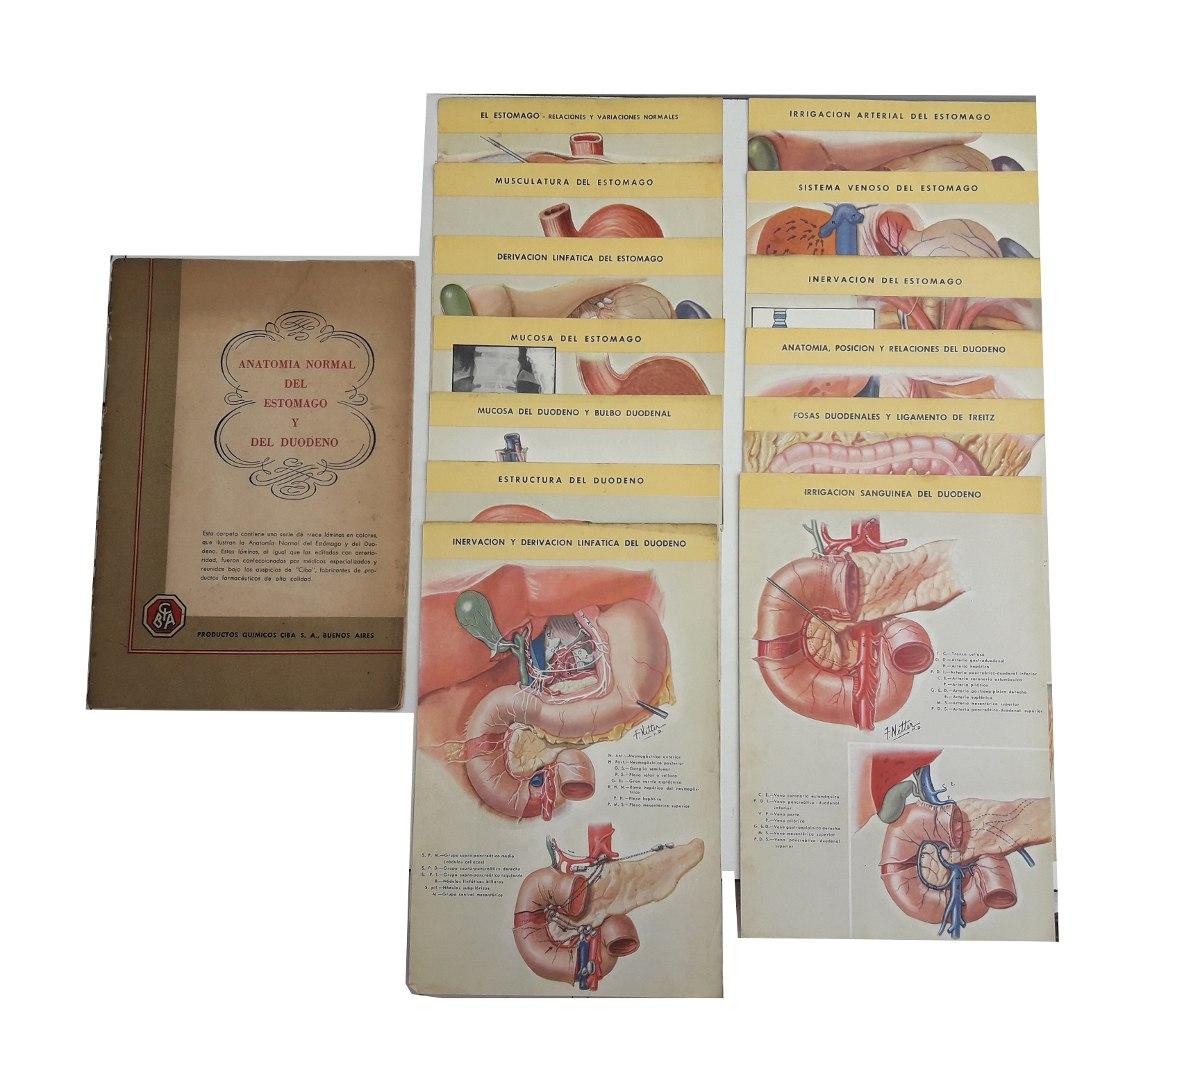 Anatomia Normal Estomago Y Duodeno 13 Laminas A Todo Color - $ 28,99 ...